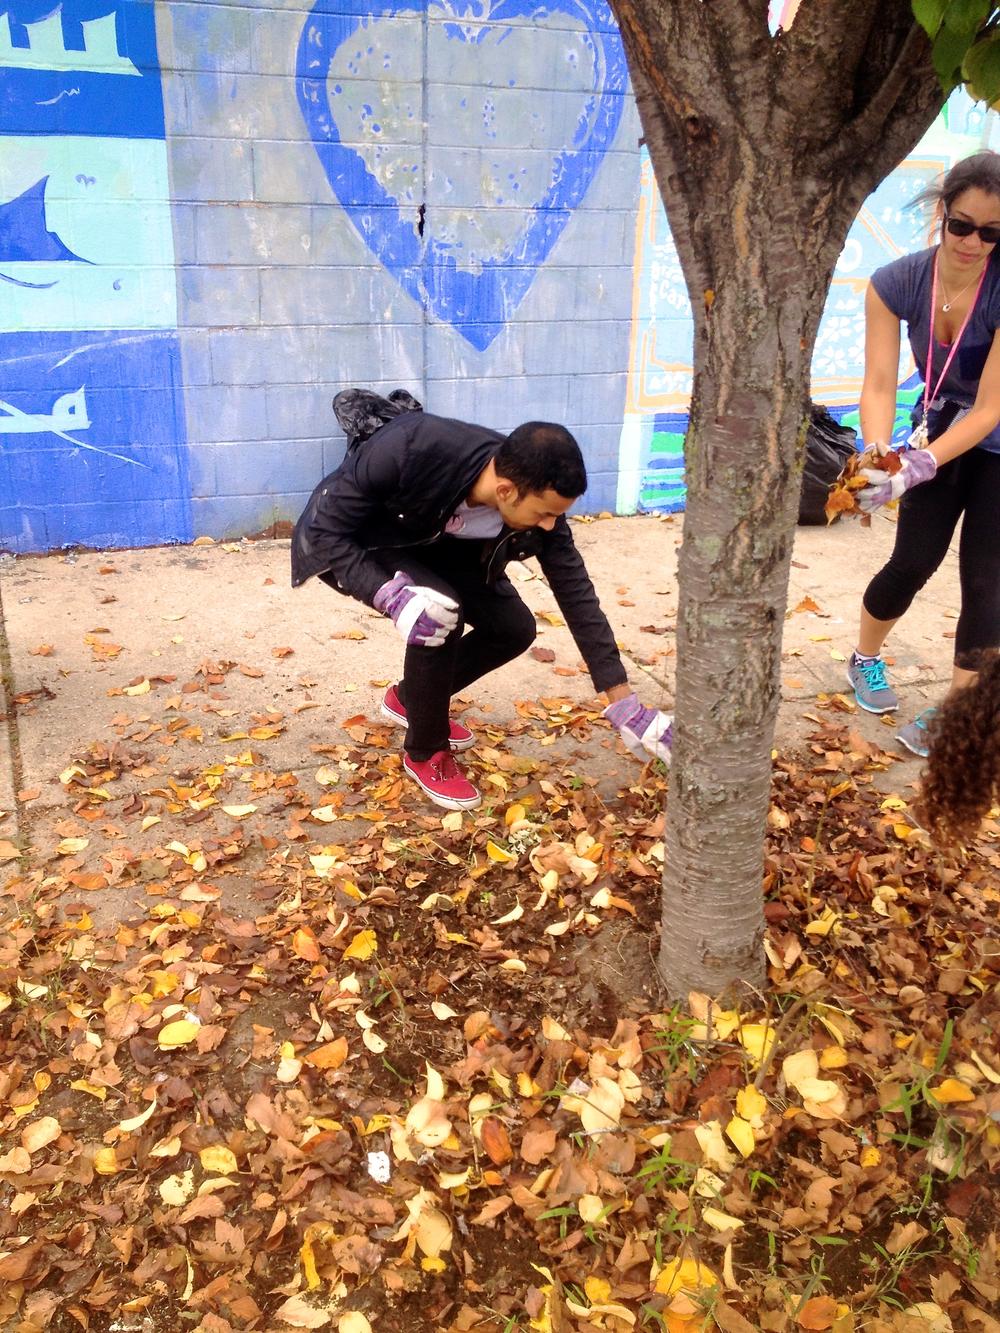 Fall_Cleanup_03.jpg